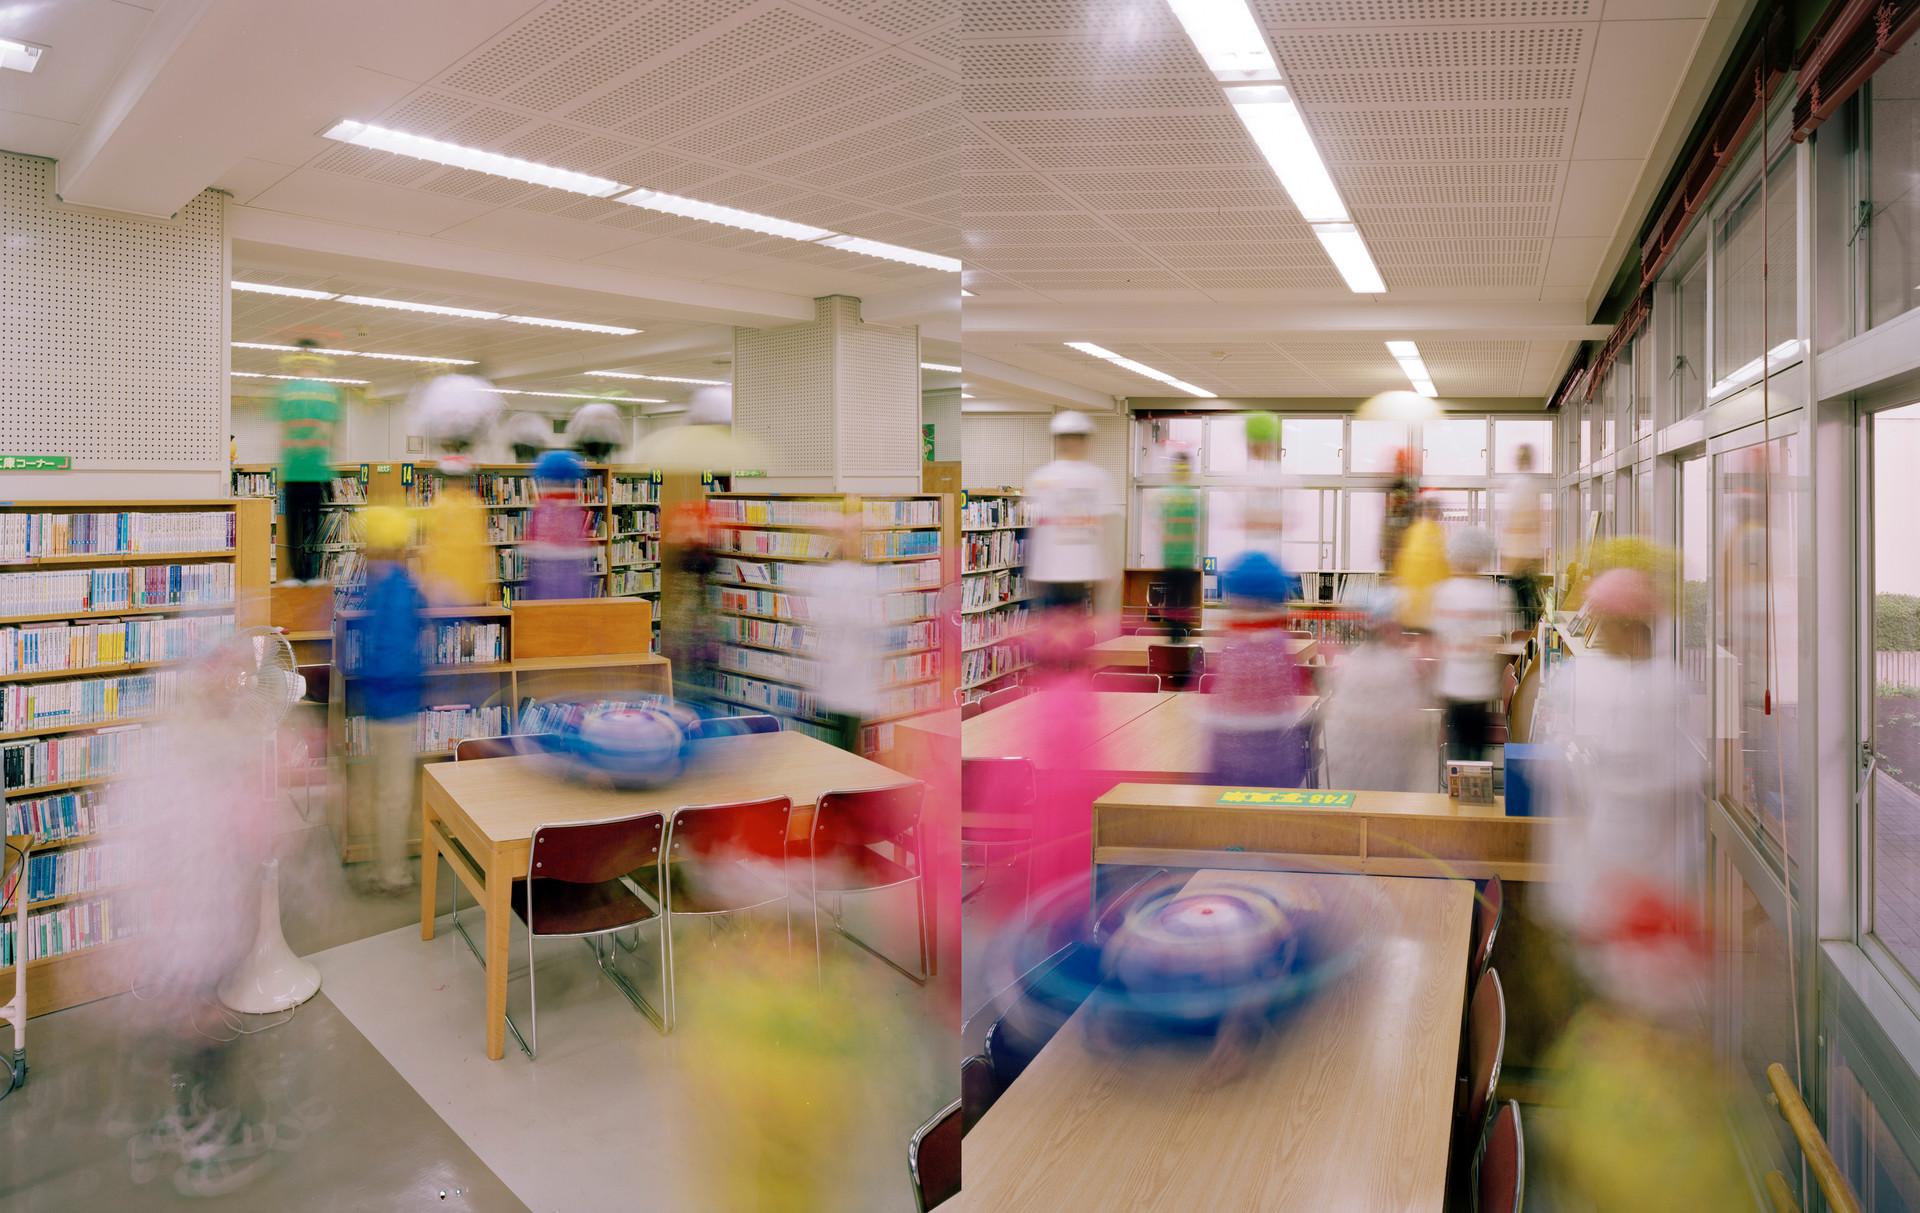 Yamato-Nishi High School Kanagawa